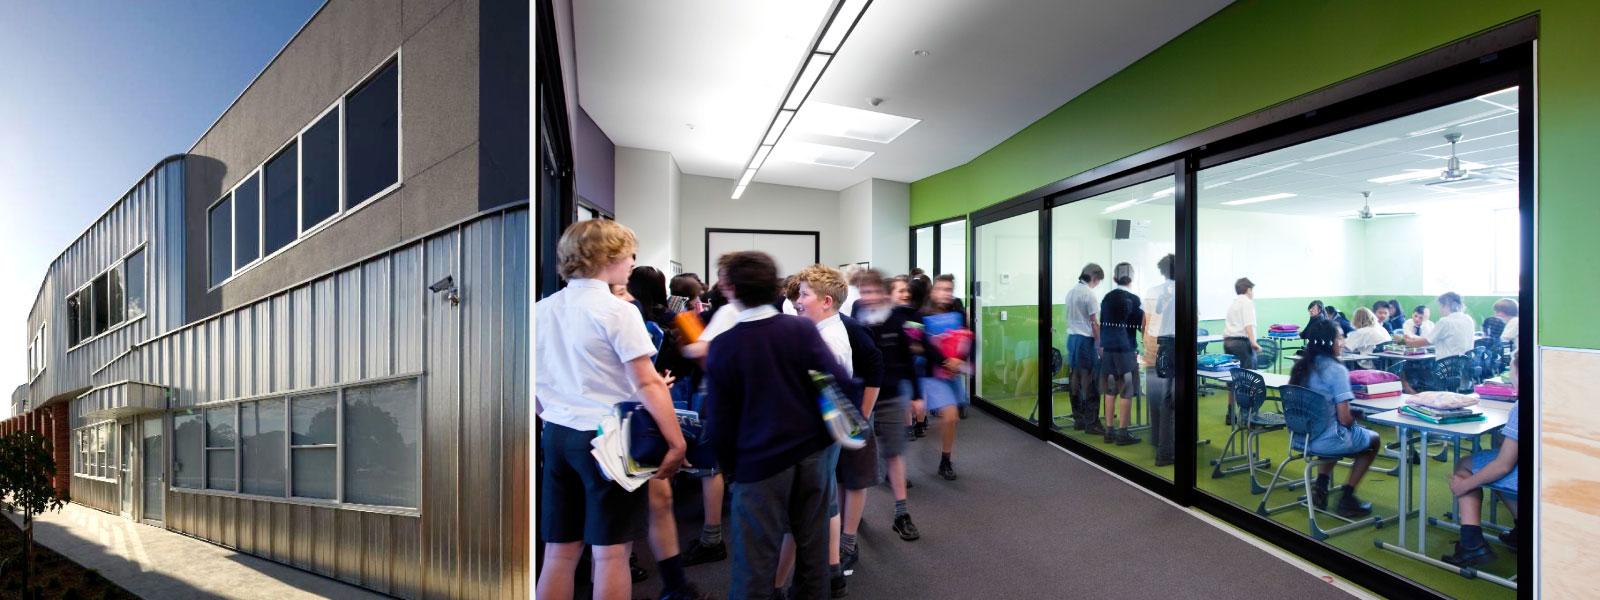 H2o-Architects-Melbourne-McKinnon-Secondary-College-02